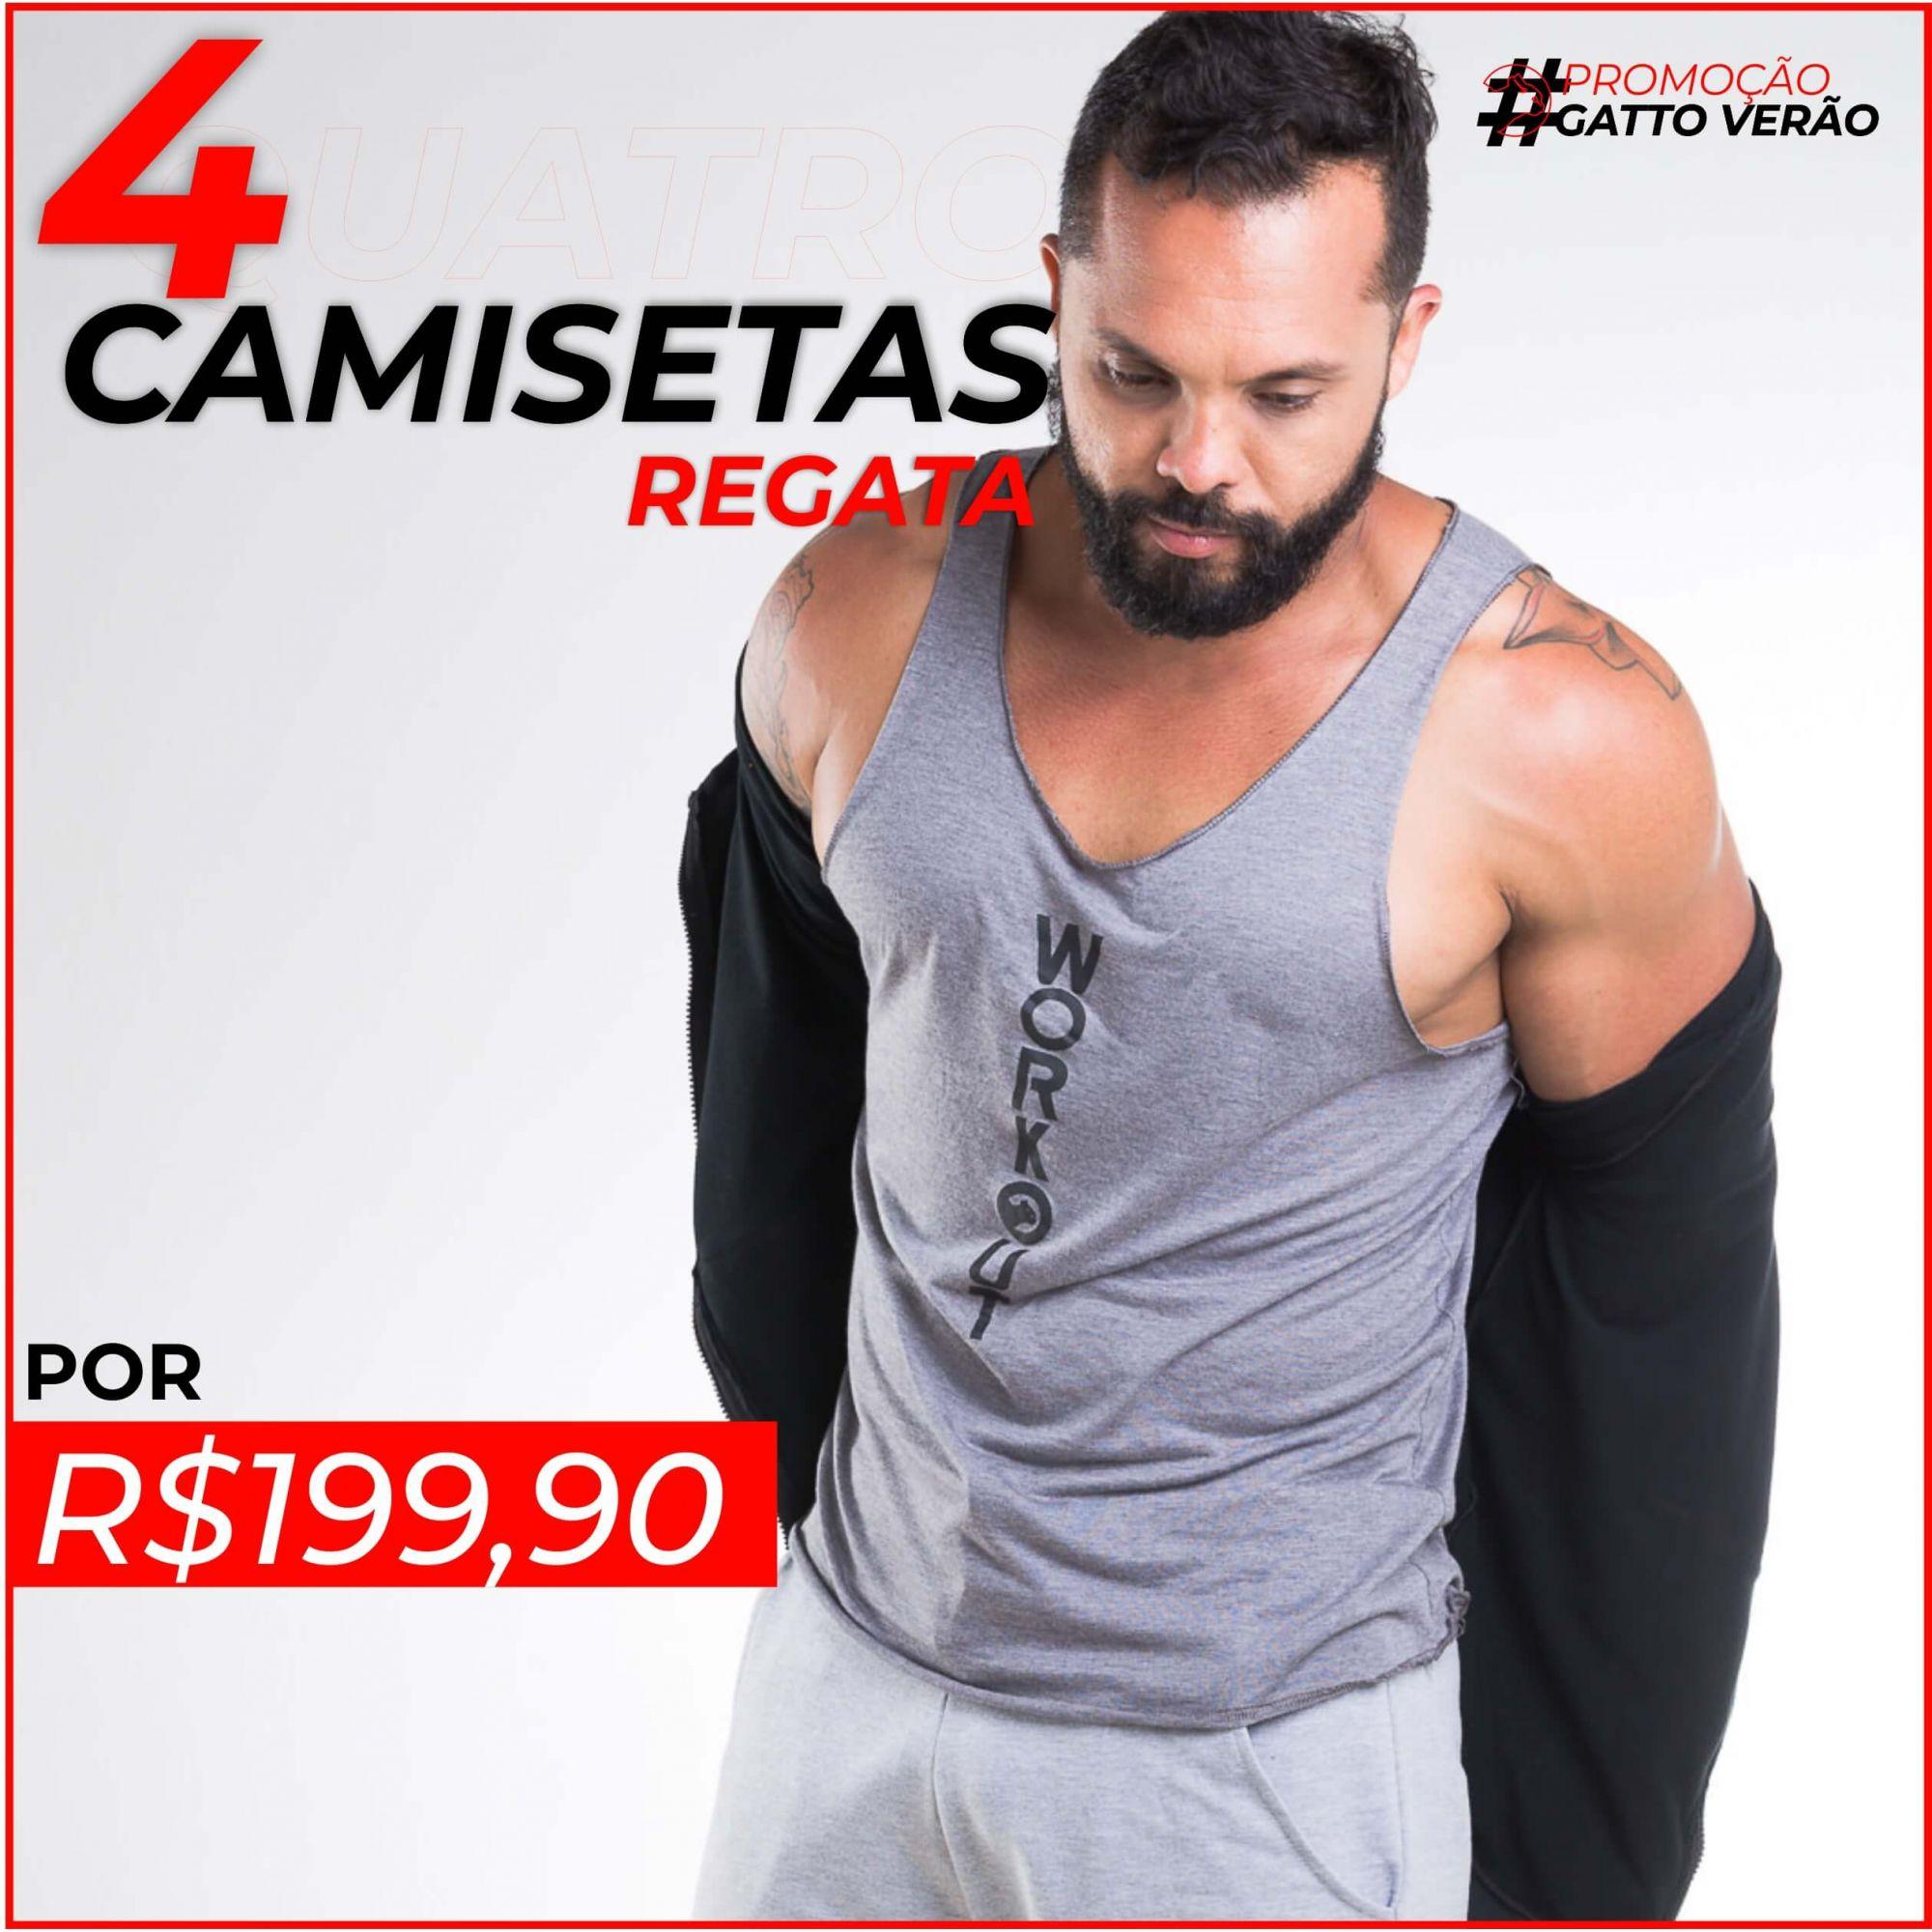 04 Camisetas Regata Masculina Gatto de Rua